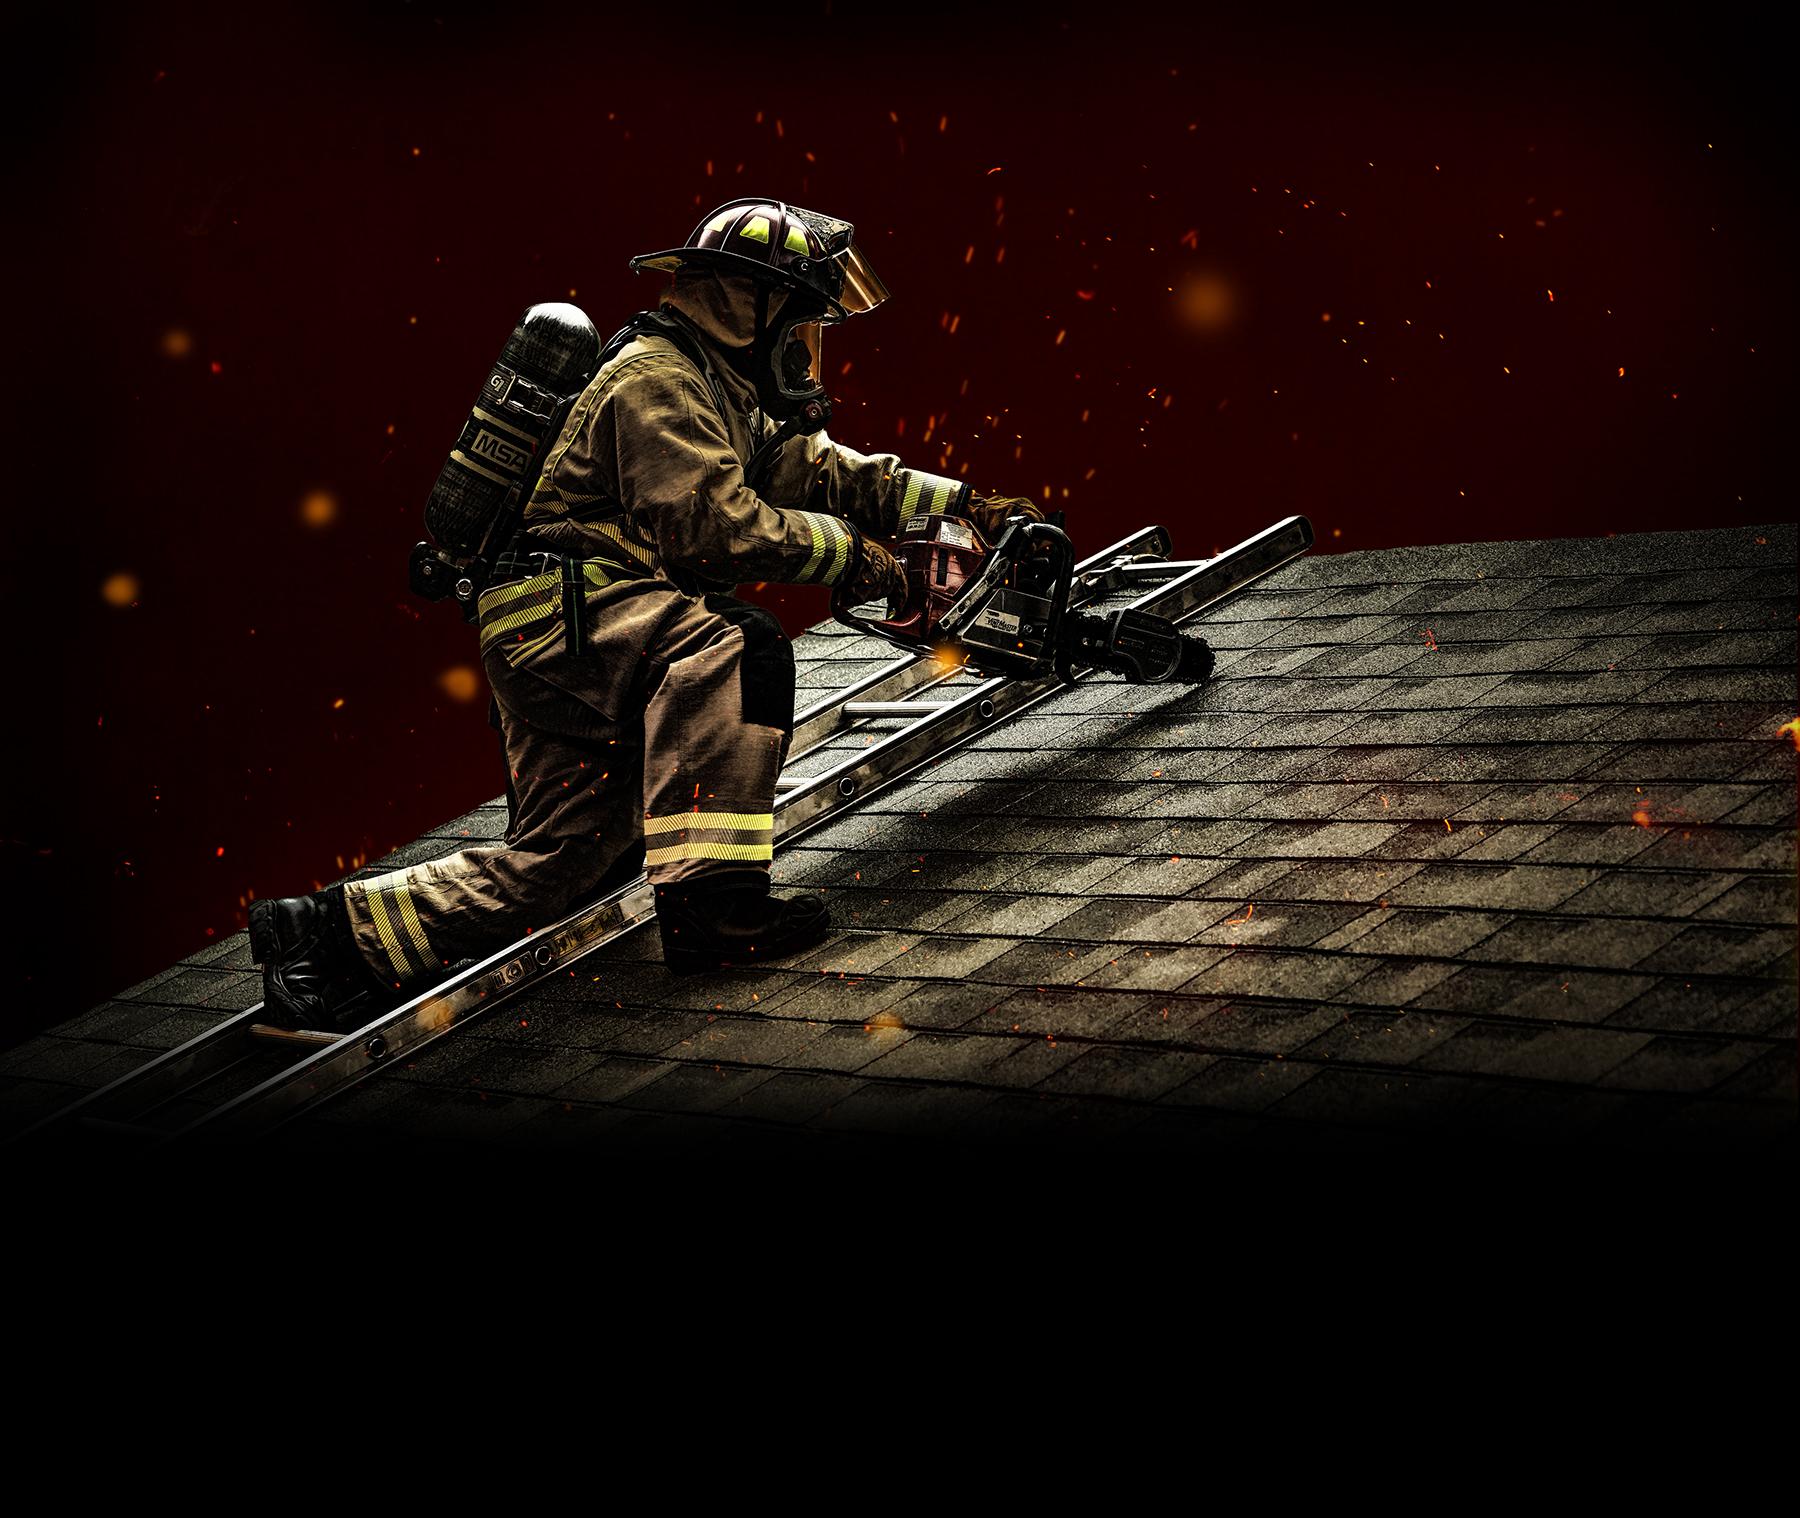 Firefighter_SCBA_Ladder_Roof small.jpg